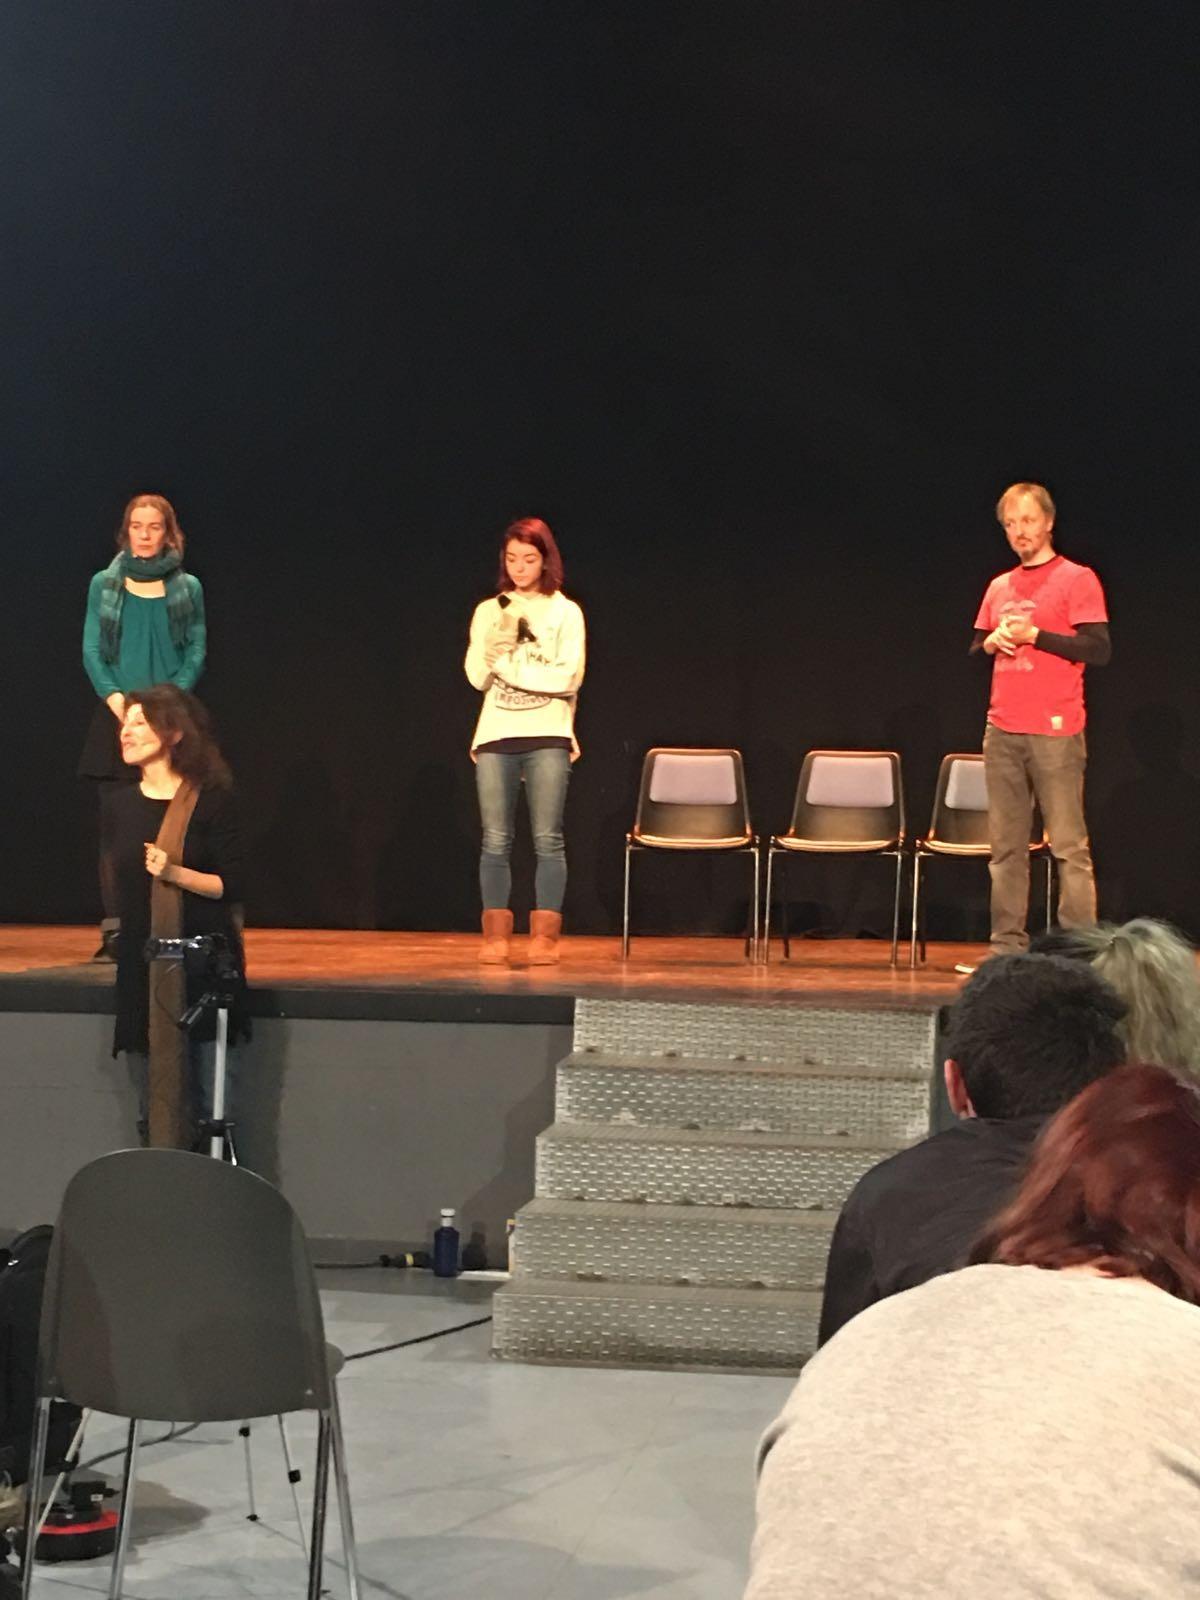 Amor en escena - Si es amor, no duele - Taller de teatro para la prevención de la violencia de género - Teatro que cura 4